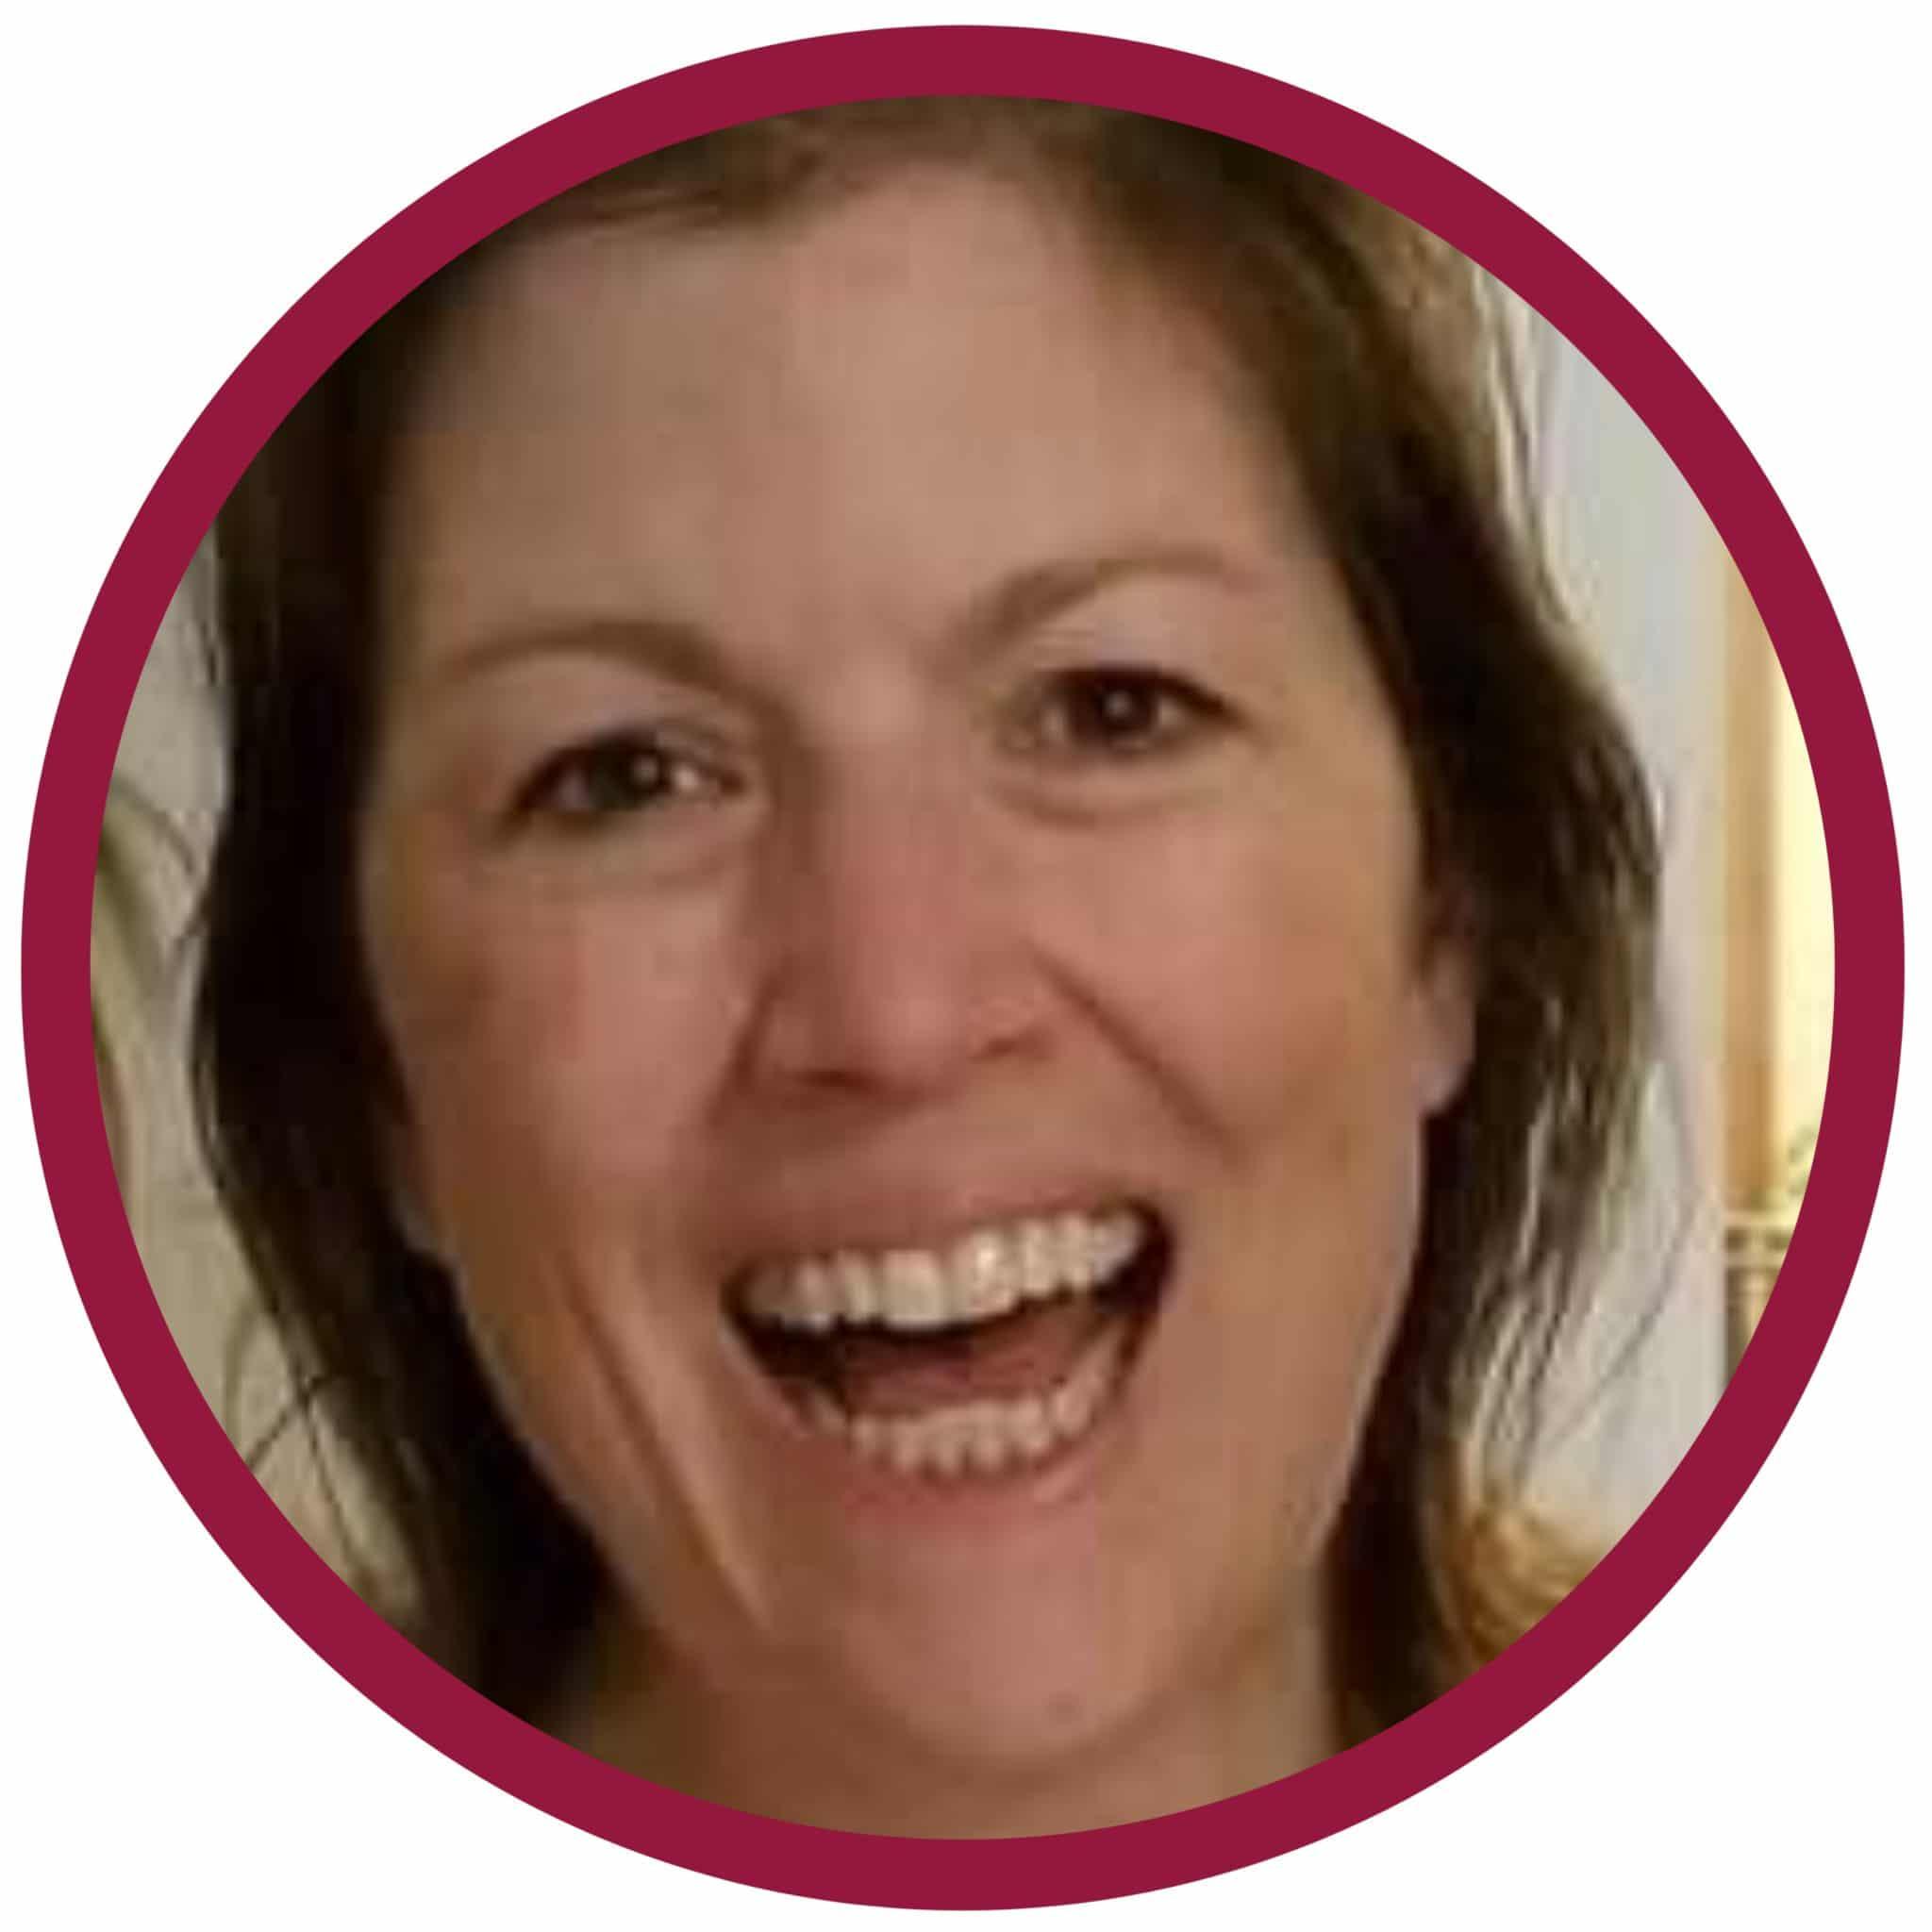 Julie Novalinski